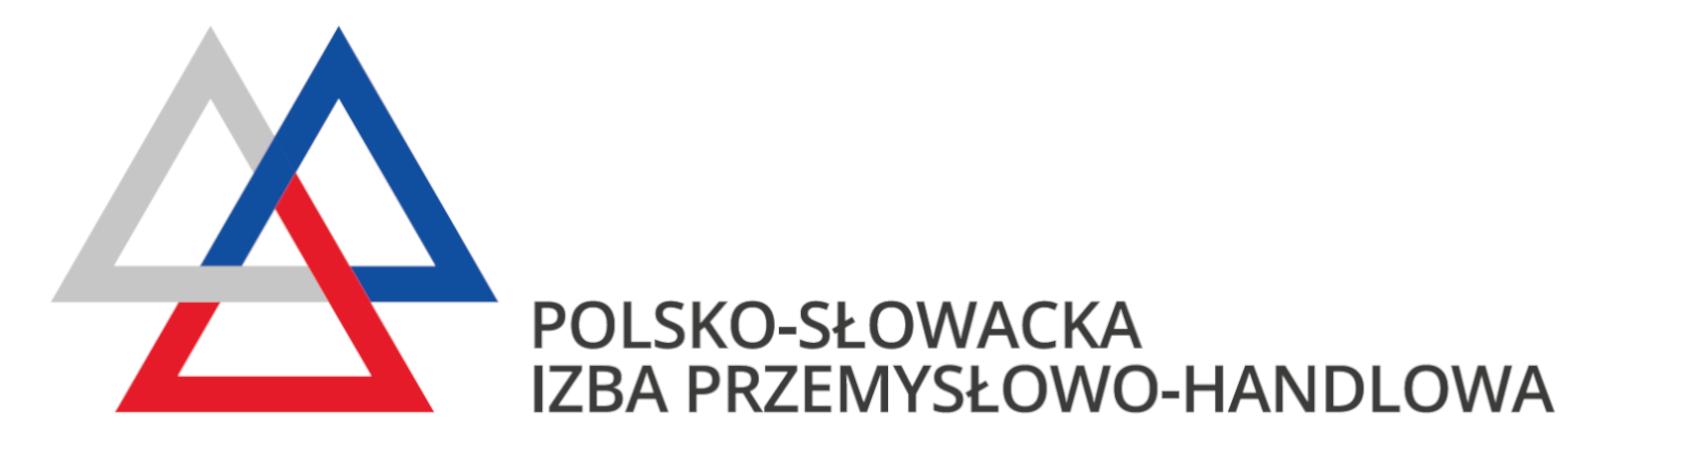 Polsko-Słowacka Izba Przemysłowo-Handlowa